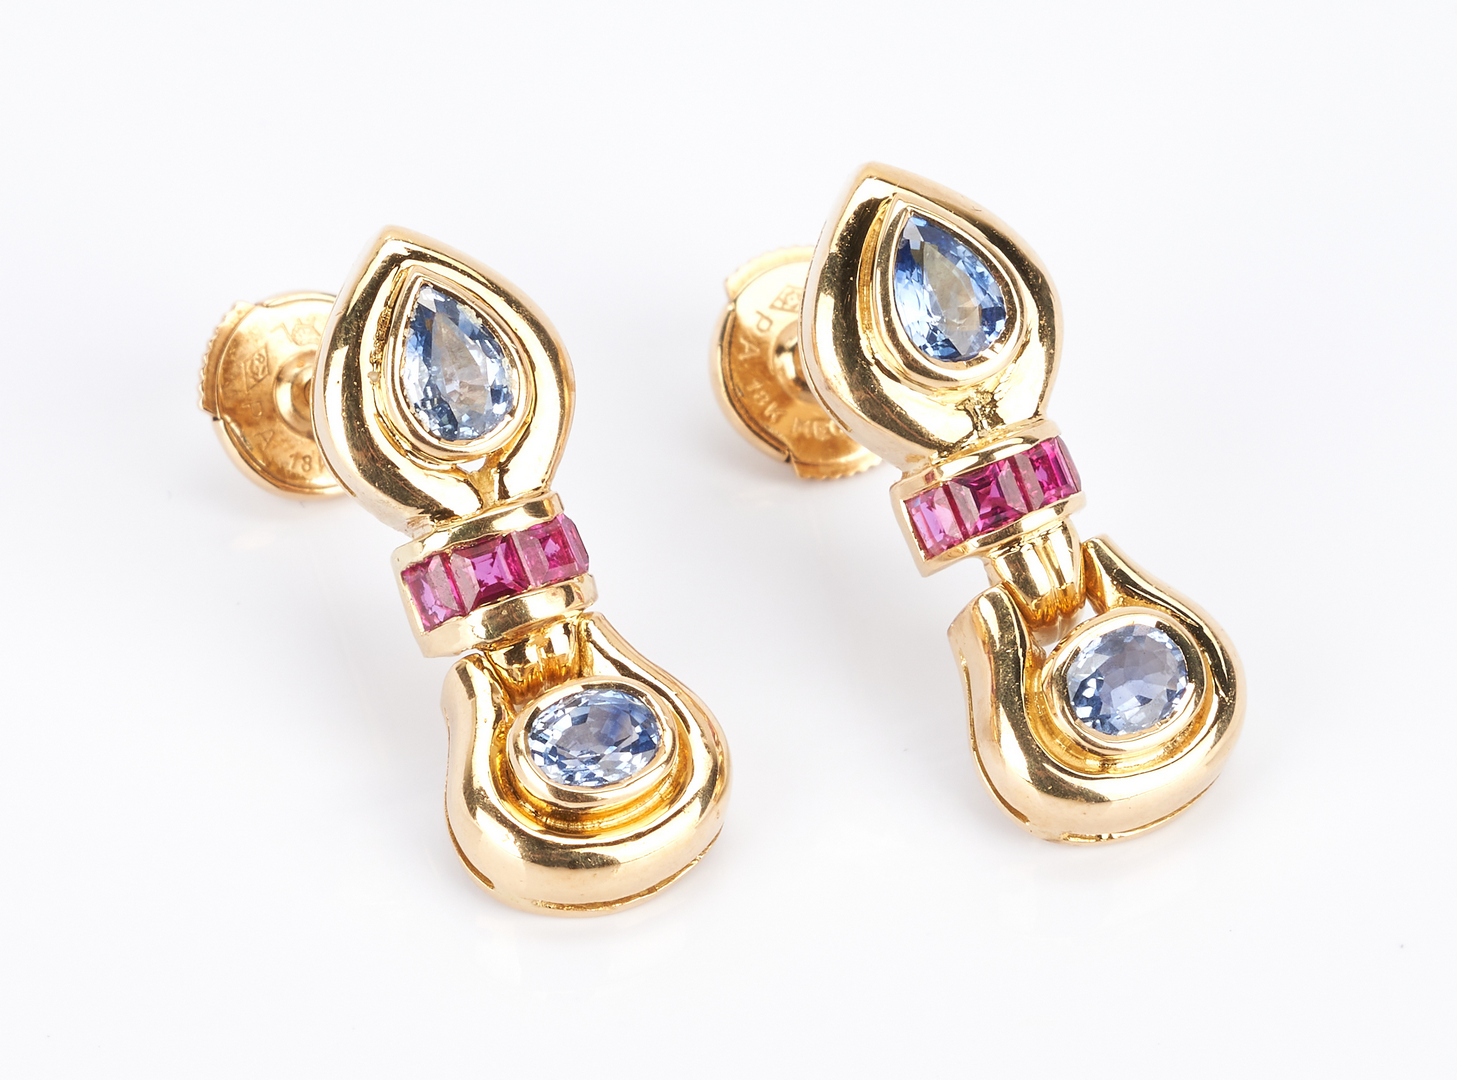 Lot 442: Mecan Elde 18K Sapphire and Ruby Earrings